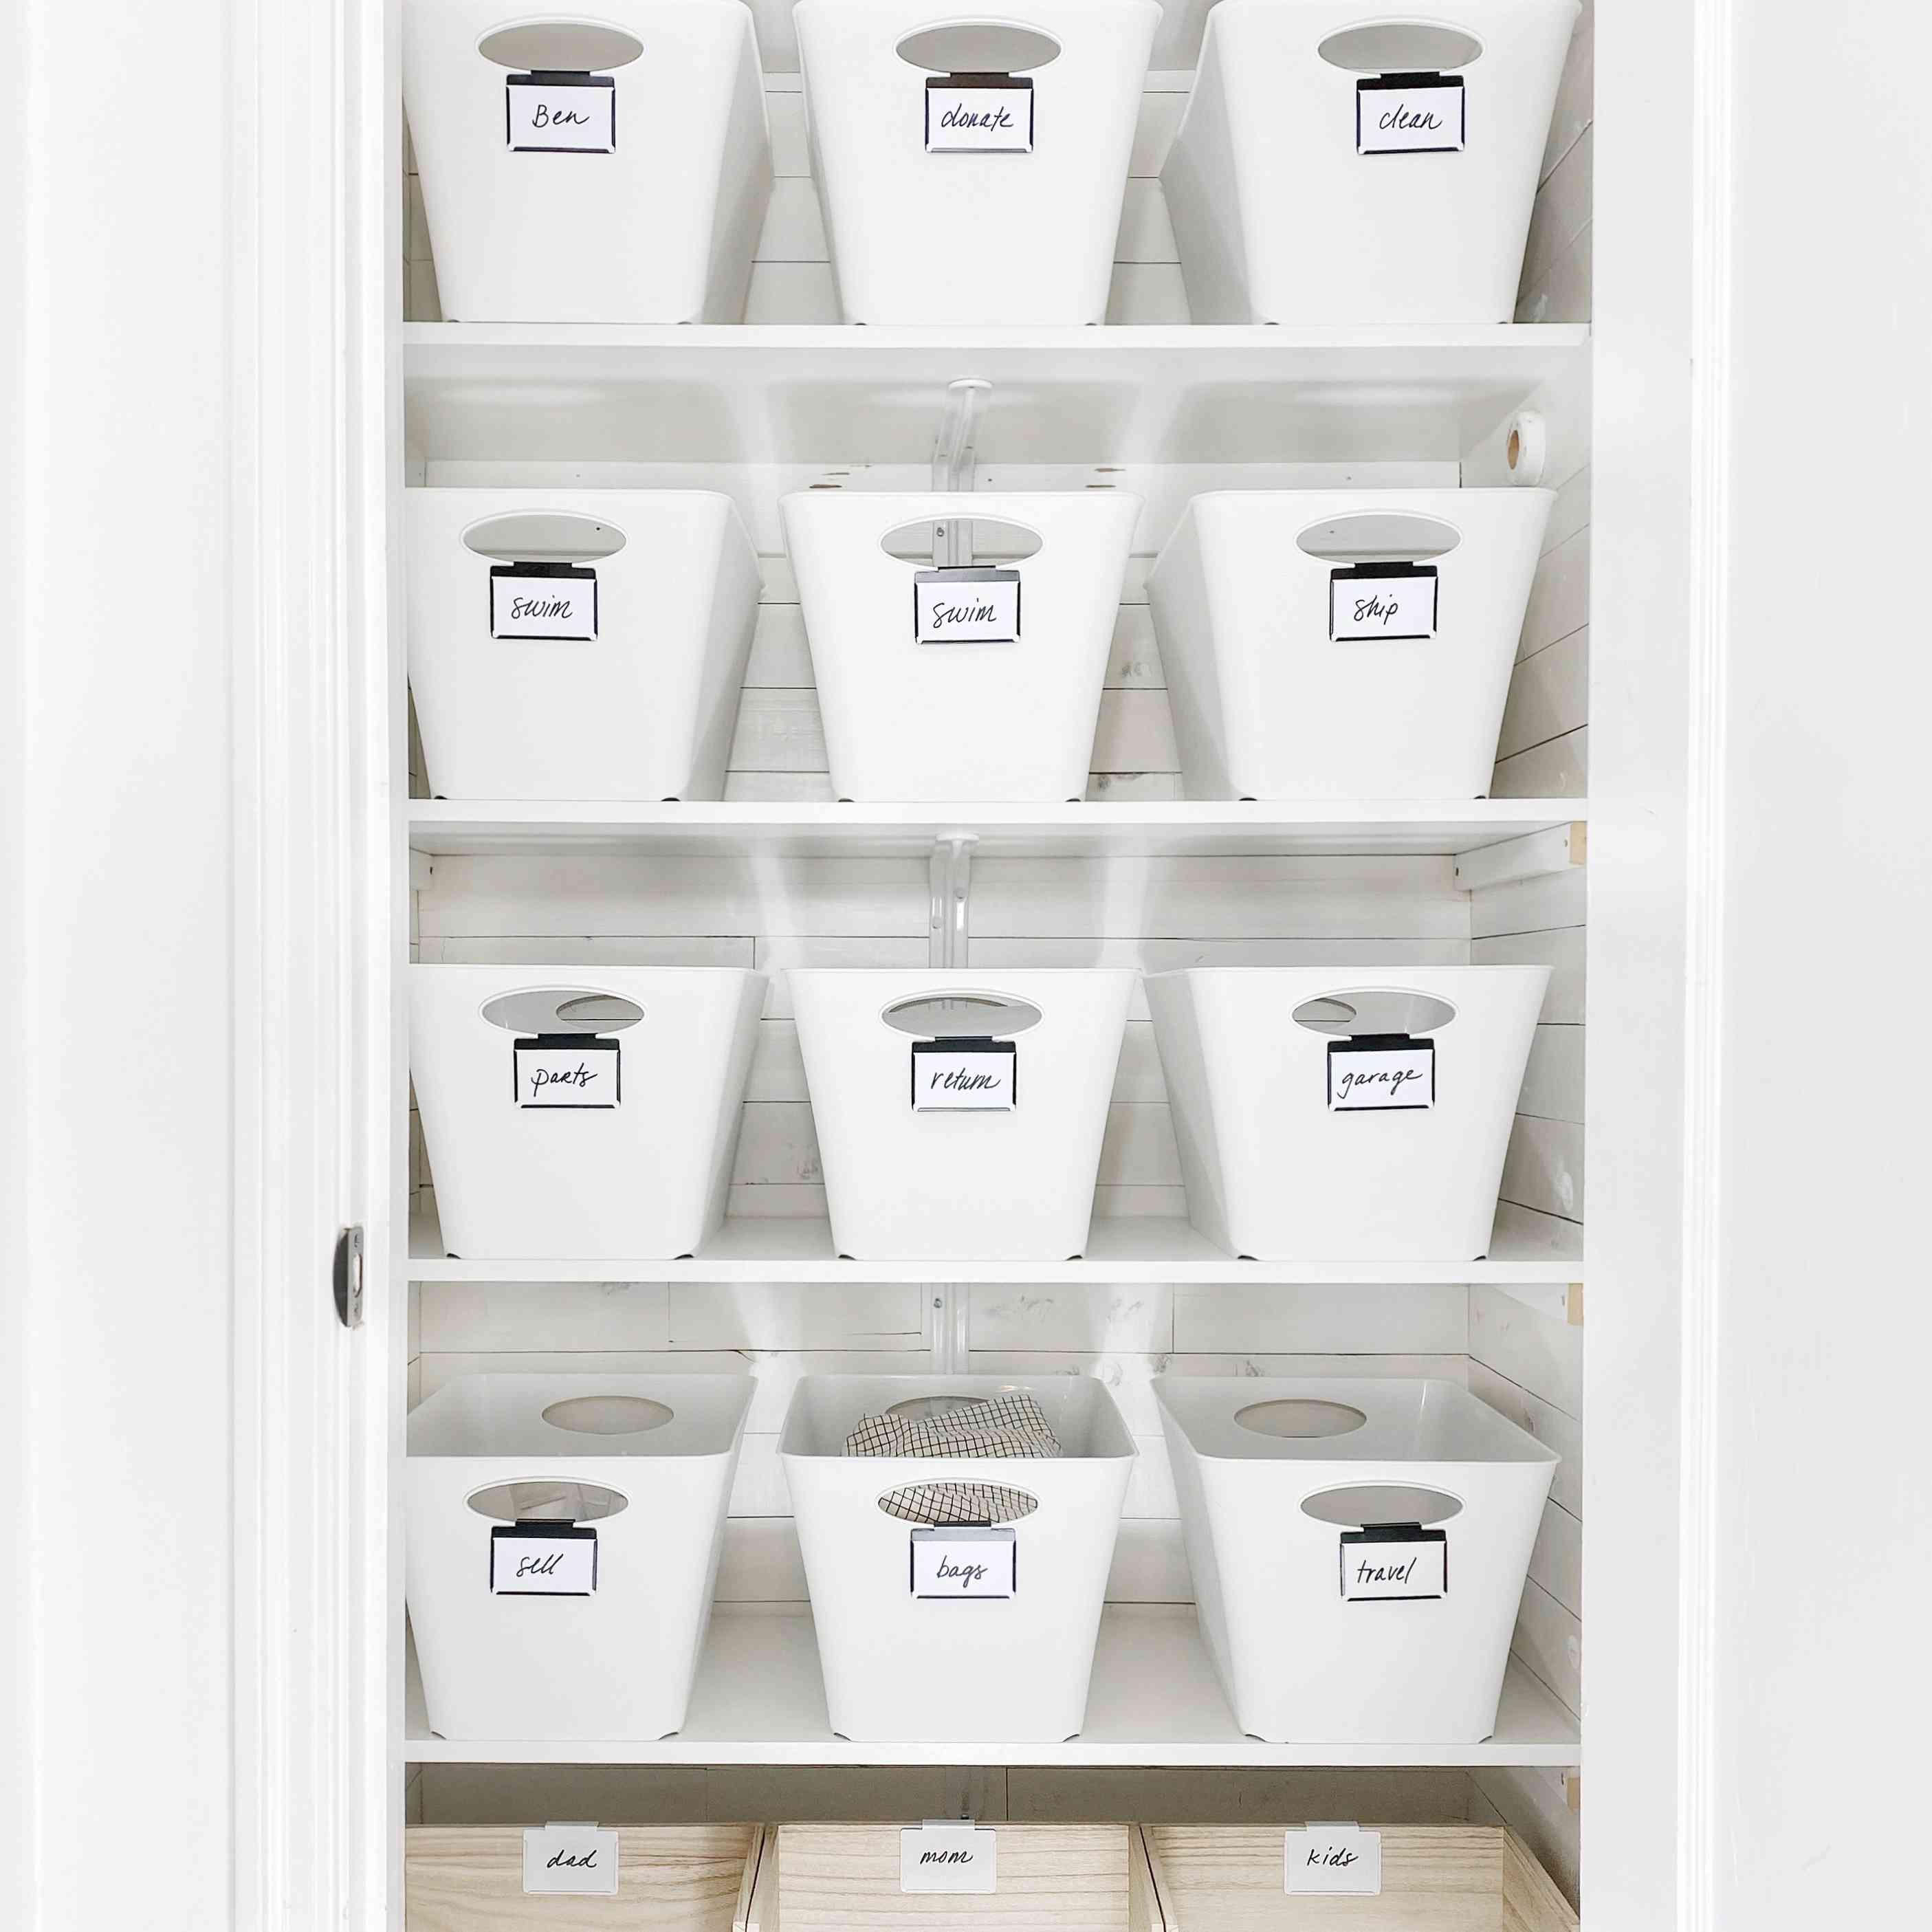 Closet with extra shelves